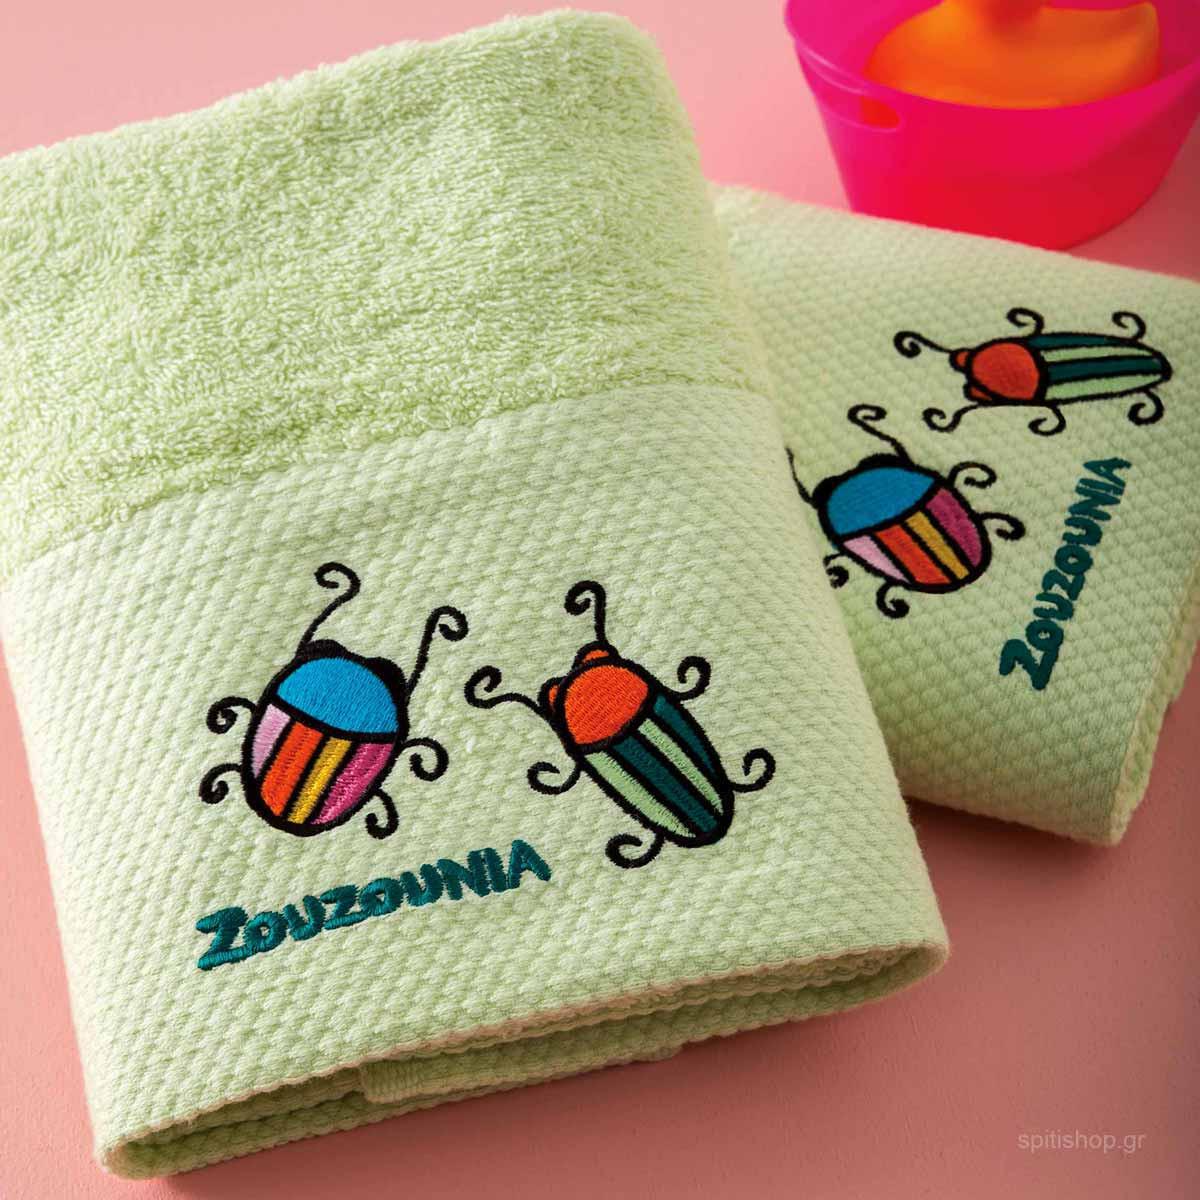 Βρεφικές Πετσέτες Προσώπου (Σετ 2τμχ) Zouzounia Μπάμπουρας 362